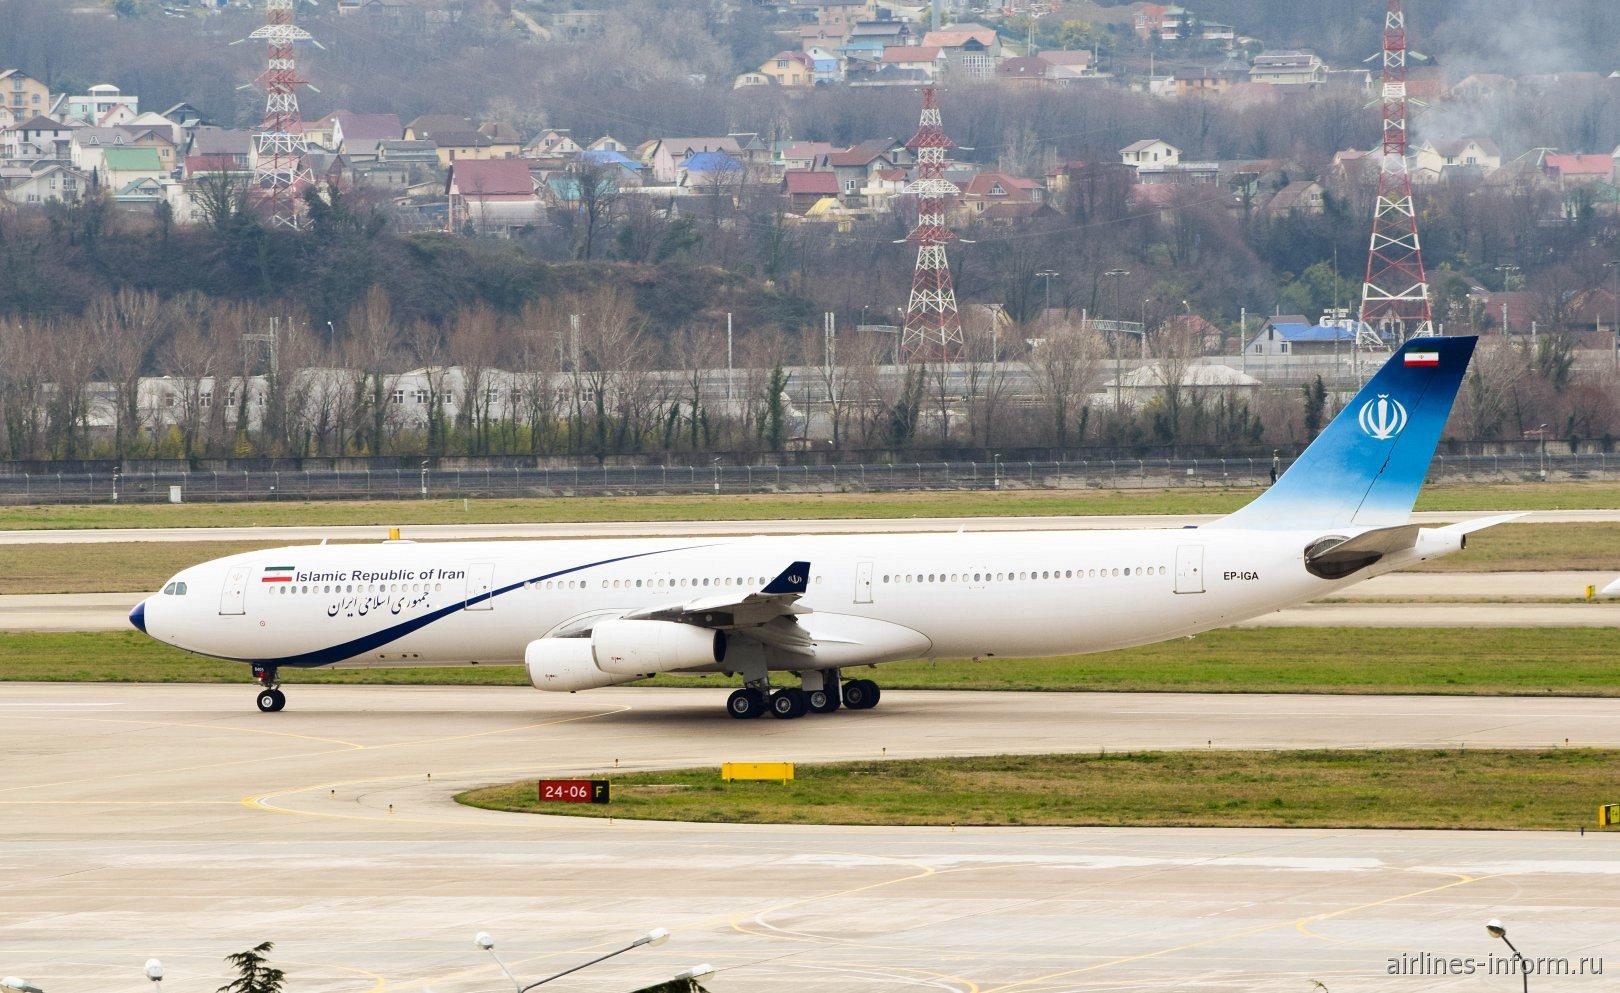 Самолет Airbus A340-300 EP-IGA Правительства Ирана в аэропорту Сочи